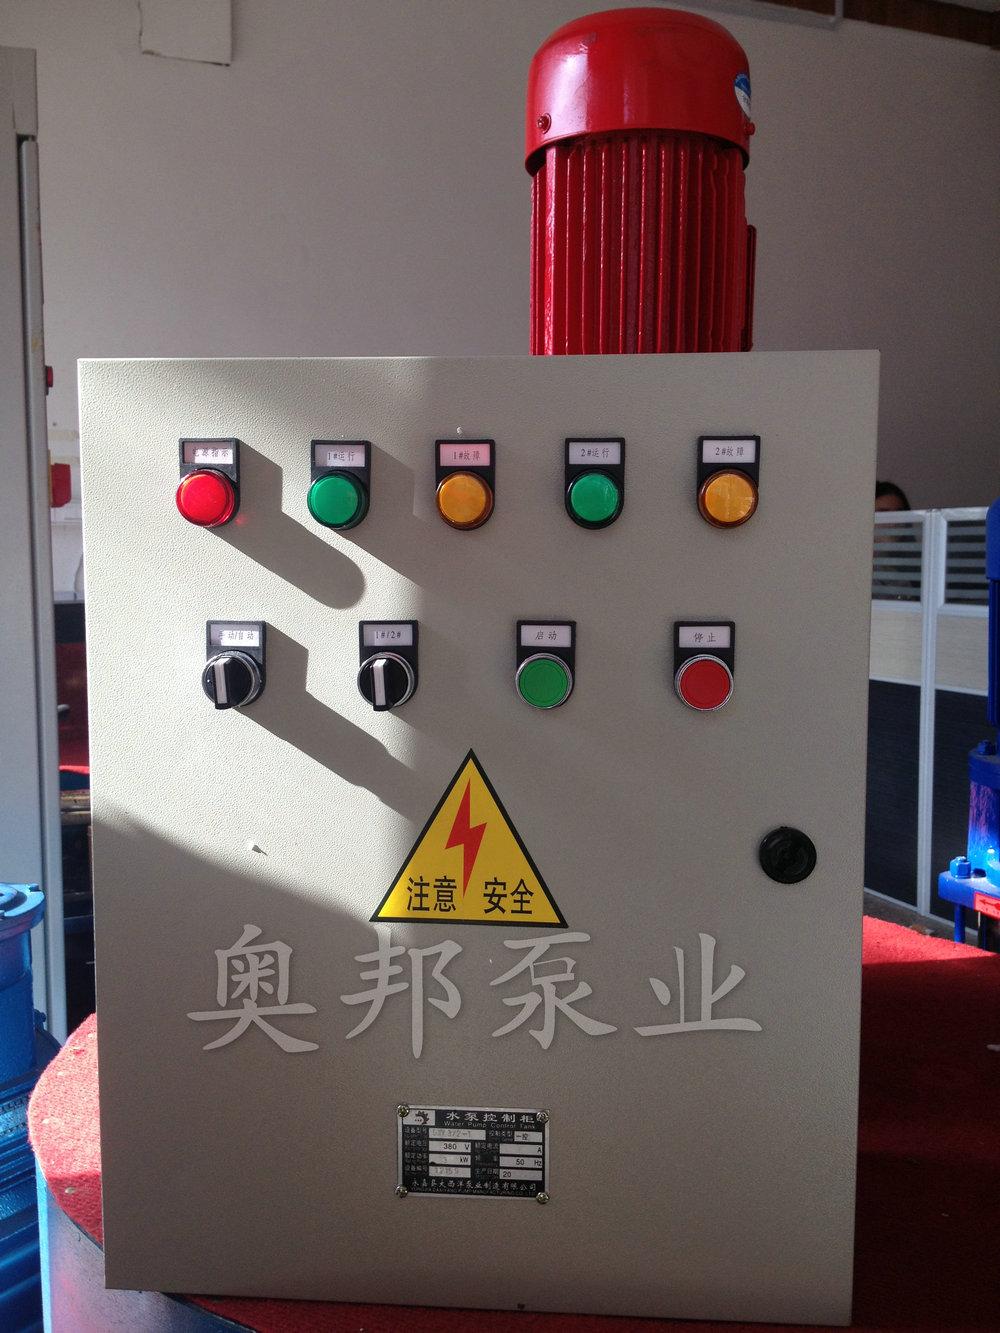 自动控制水泵的启动和停止